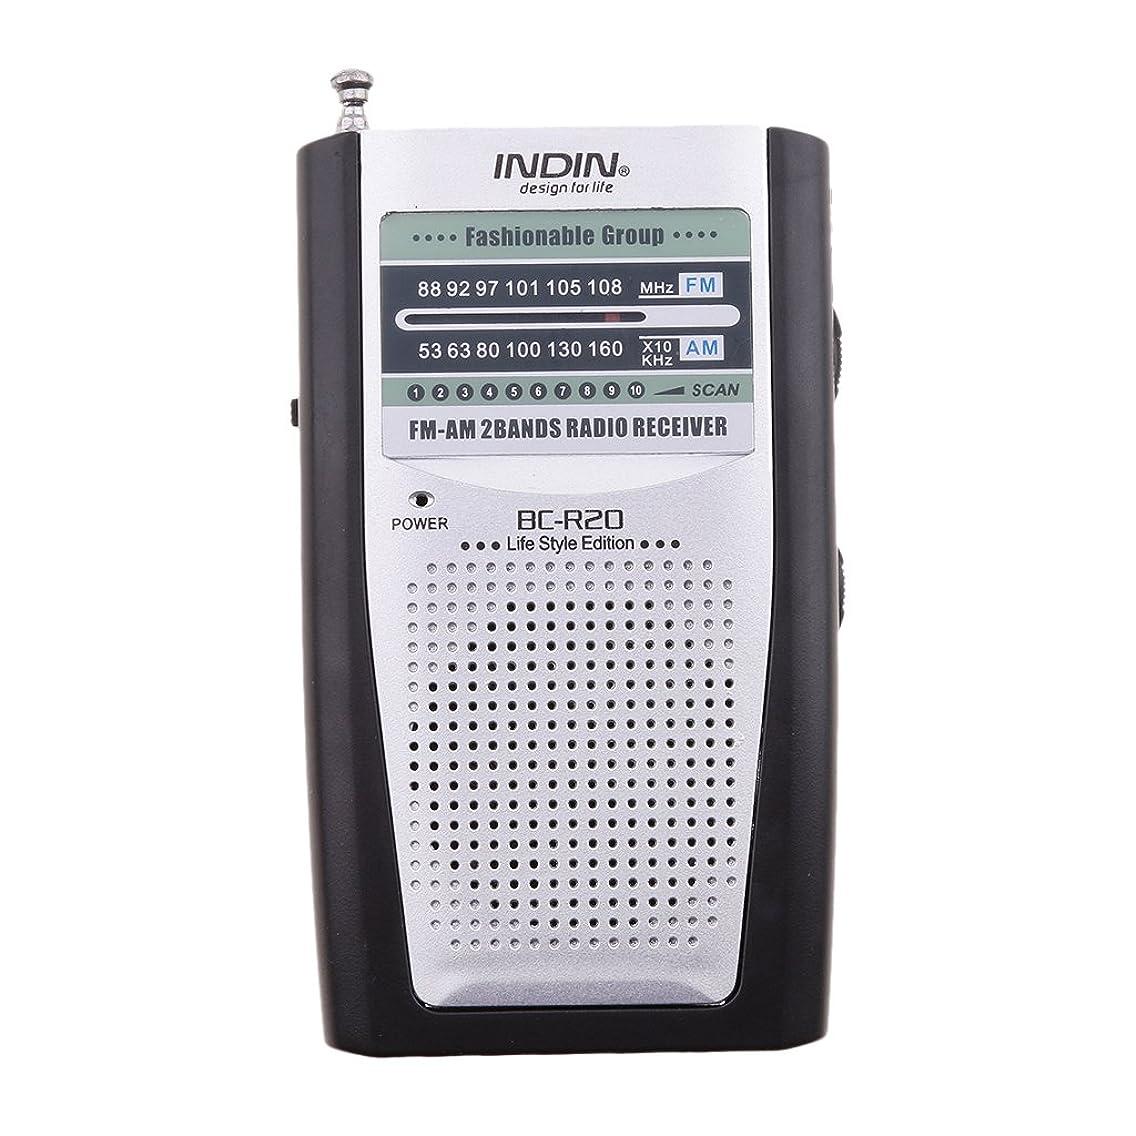 カレッジ承認中級ポータブル バッテリ 駆動 AM/FM ラジオ受信機 交換性 便利性